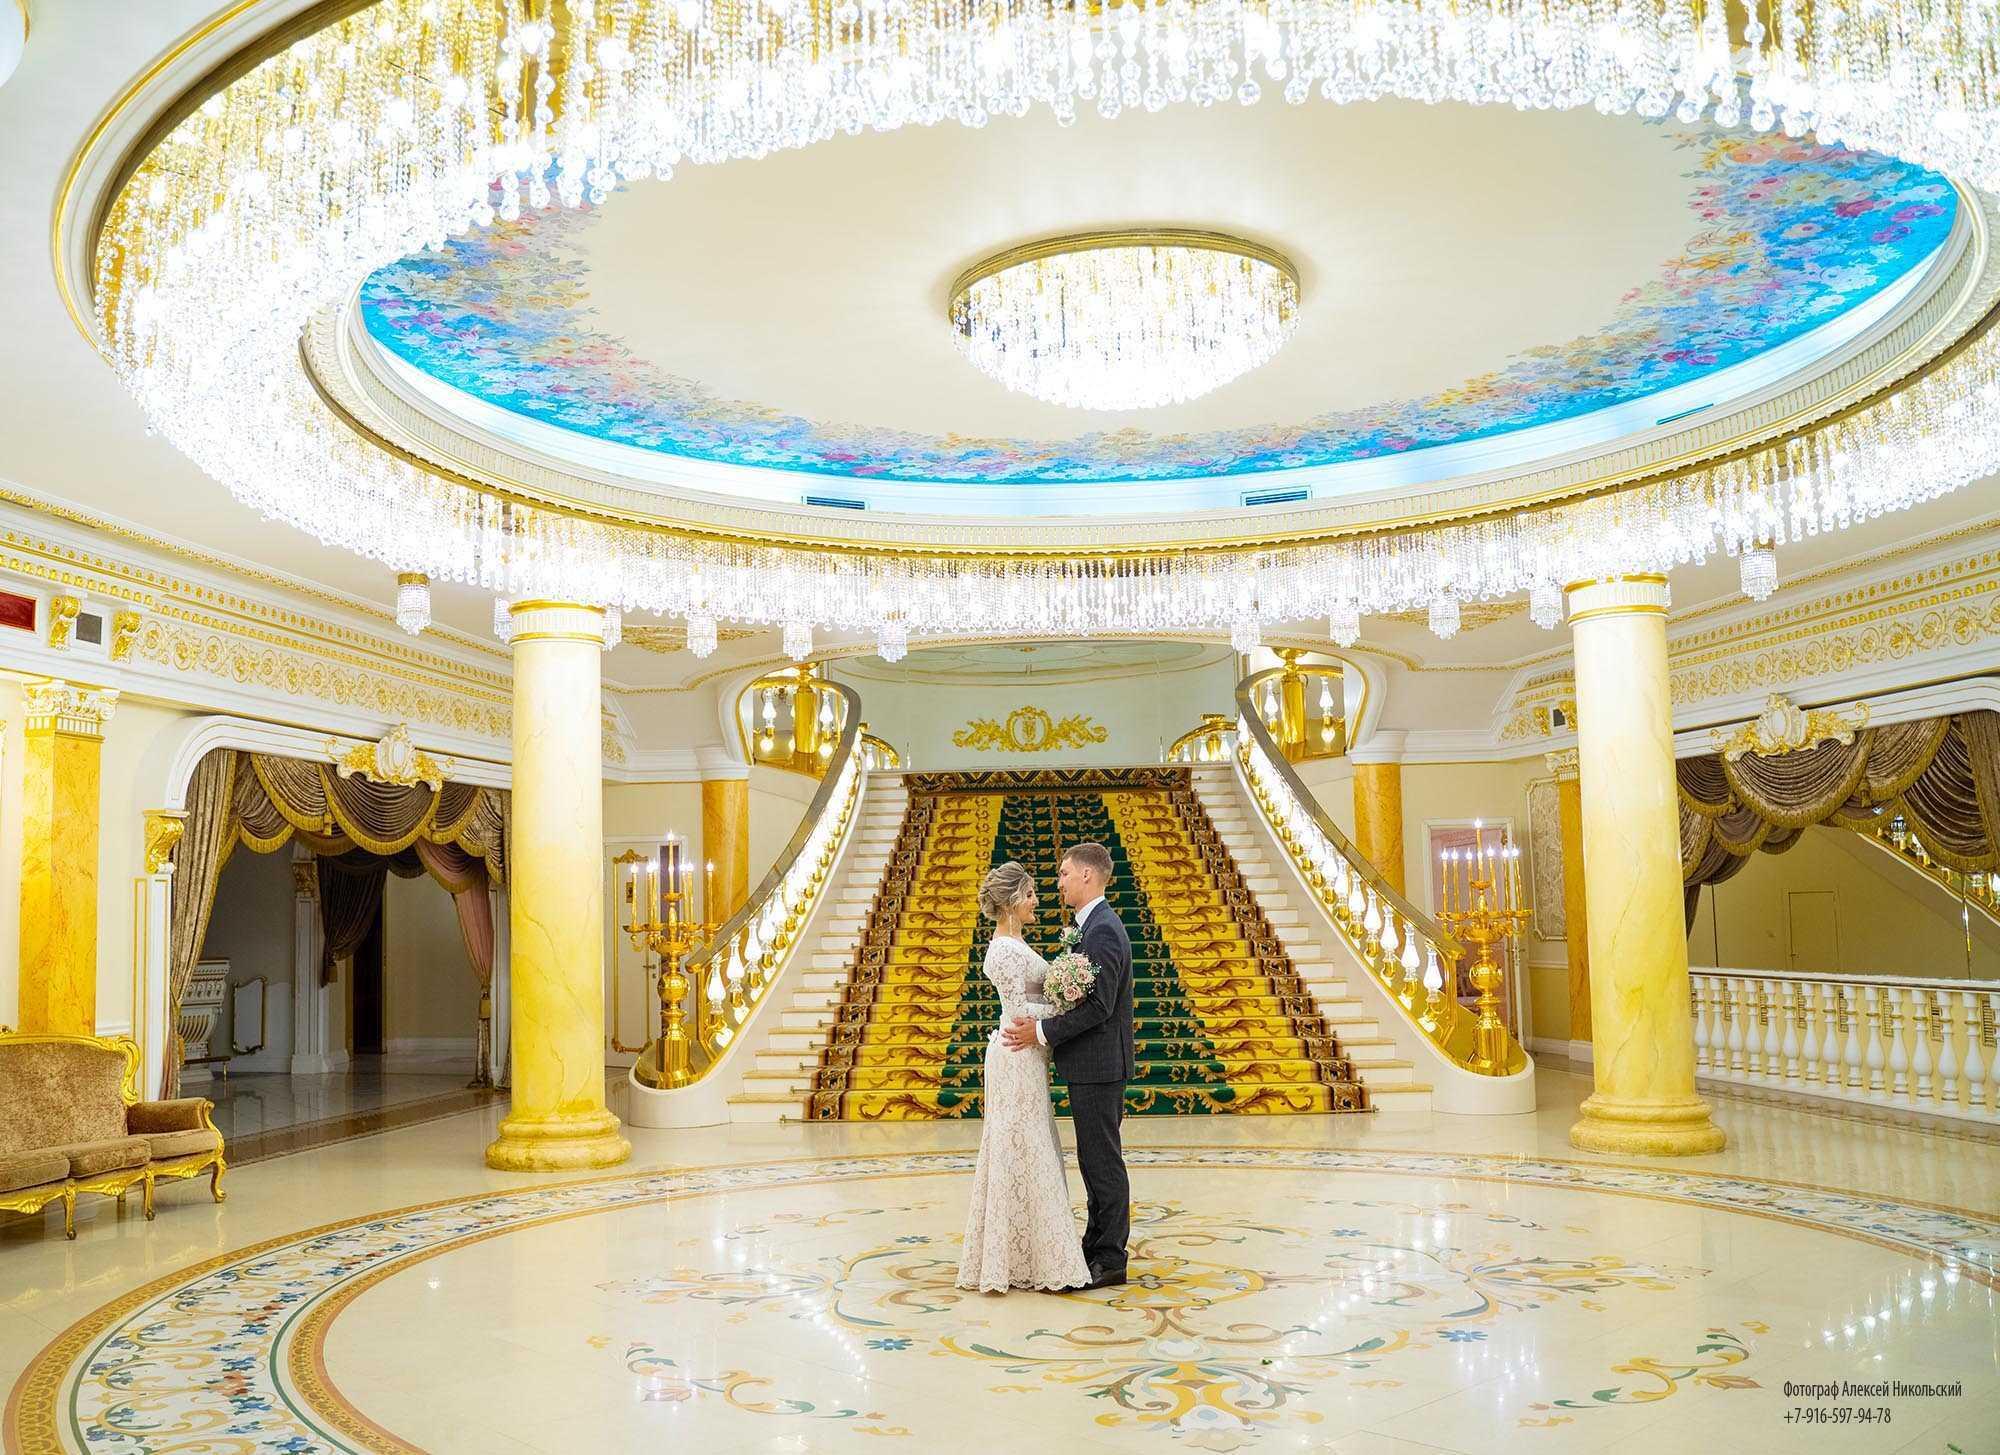 дом торжеств - ресторан сафиса фото регистрация брака